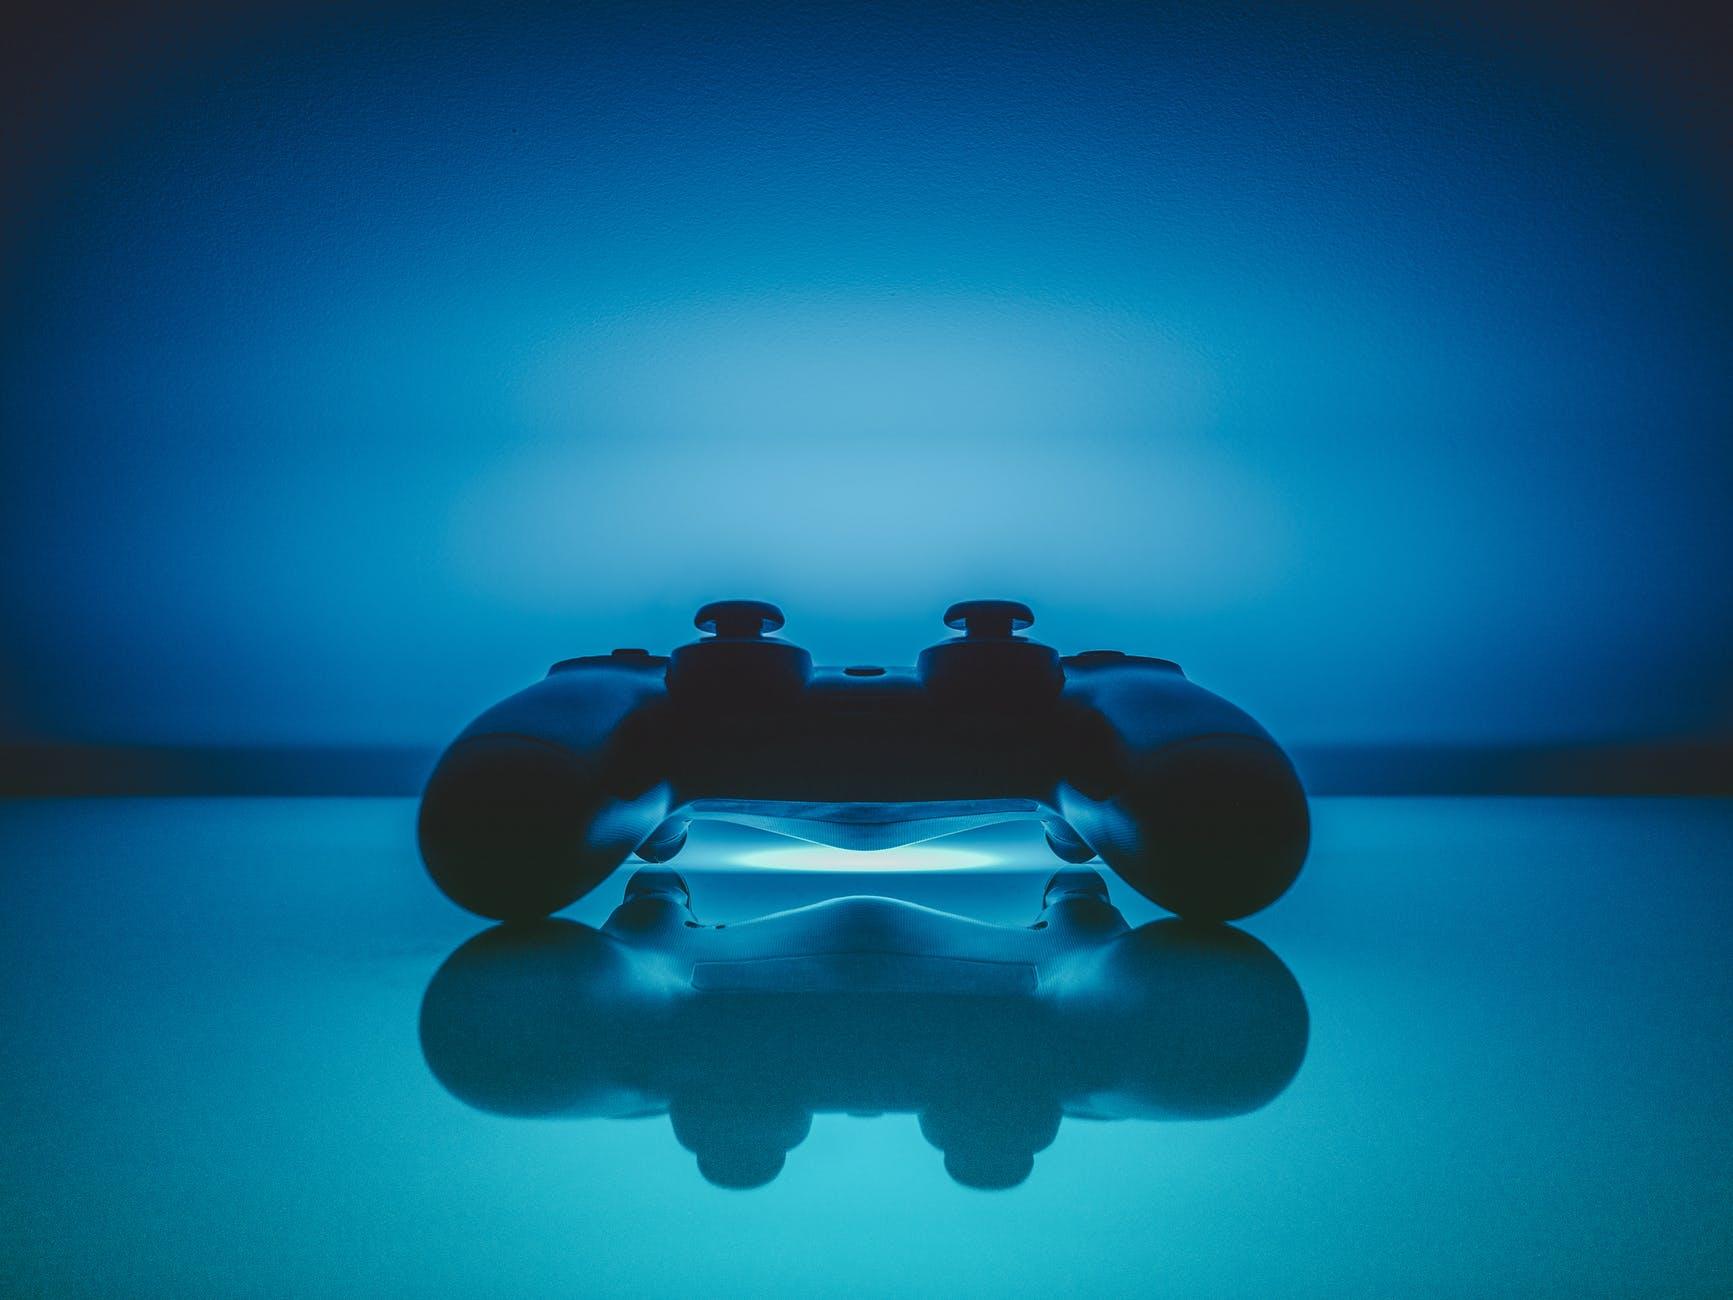 reflection playstation pad gaming